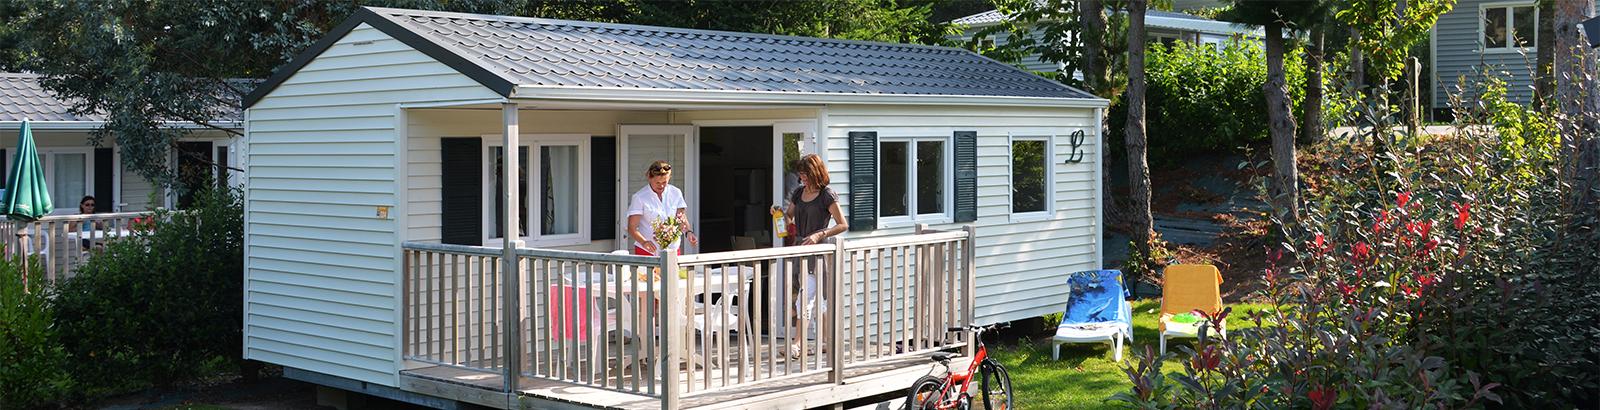 Comfort vakantie in Cottage Pacifique